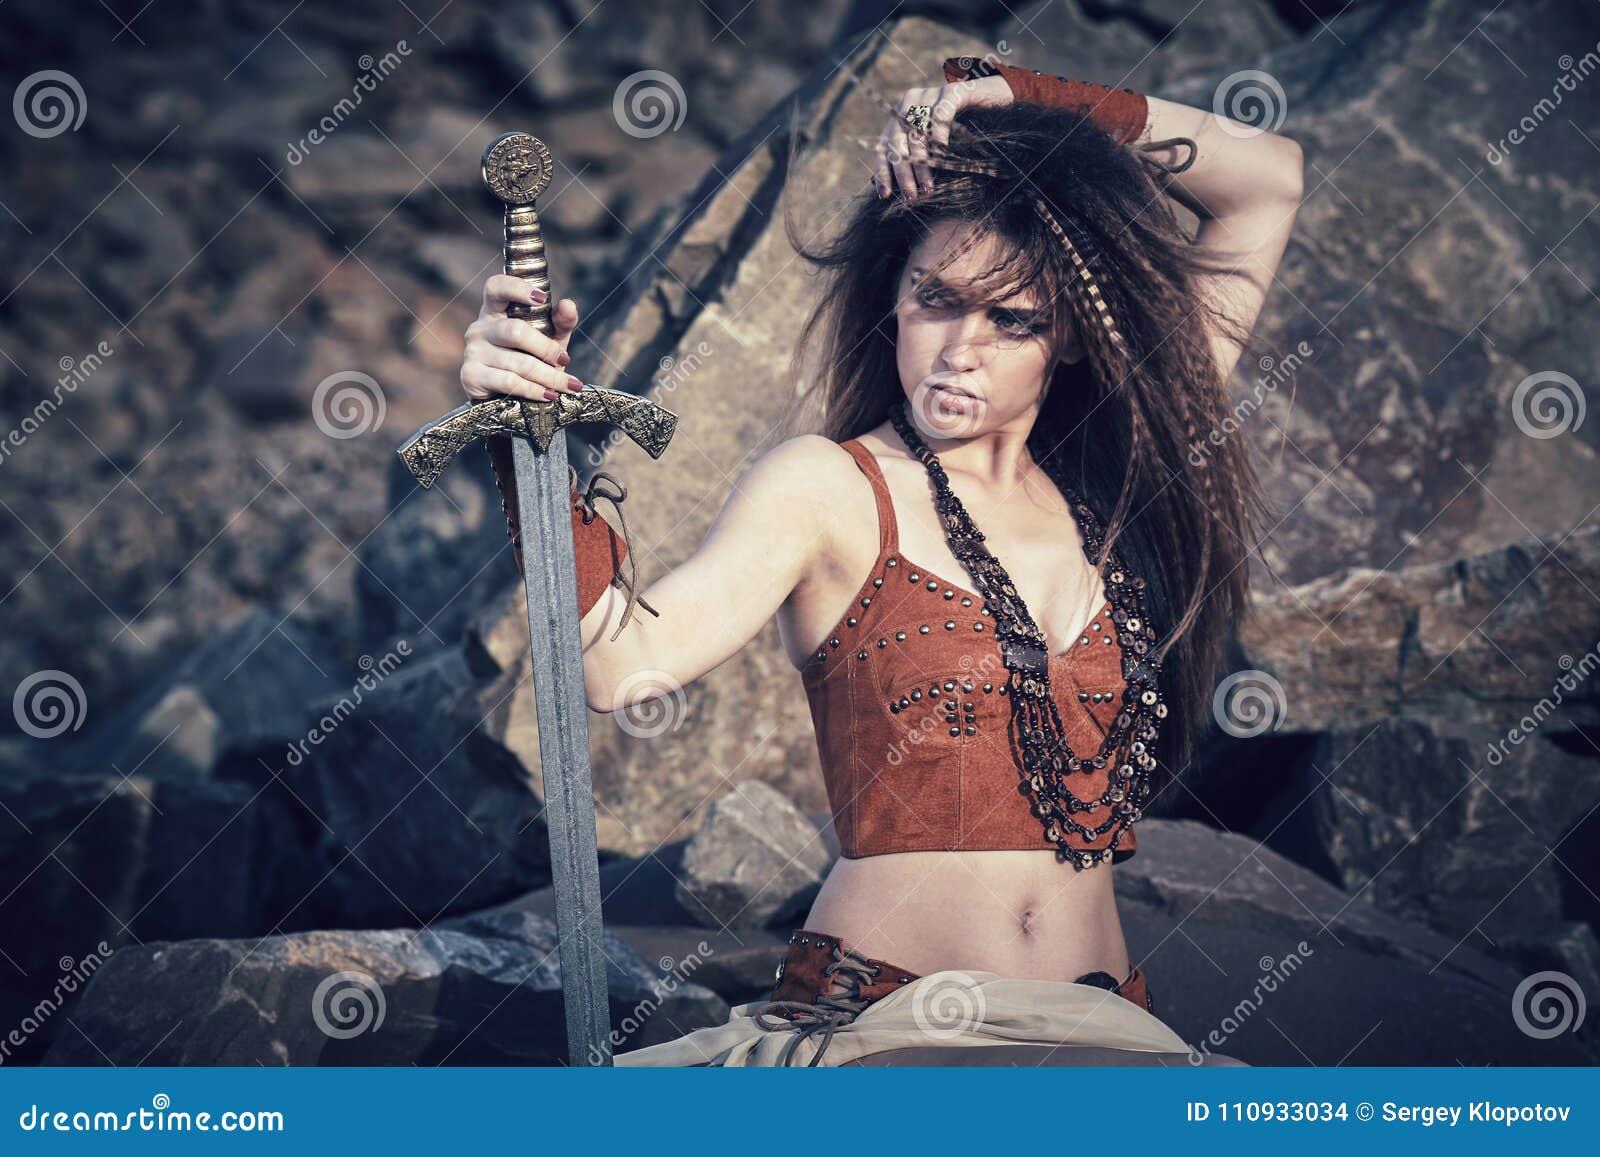 Любительские ебли амазонки и викинги видео